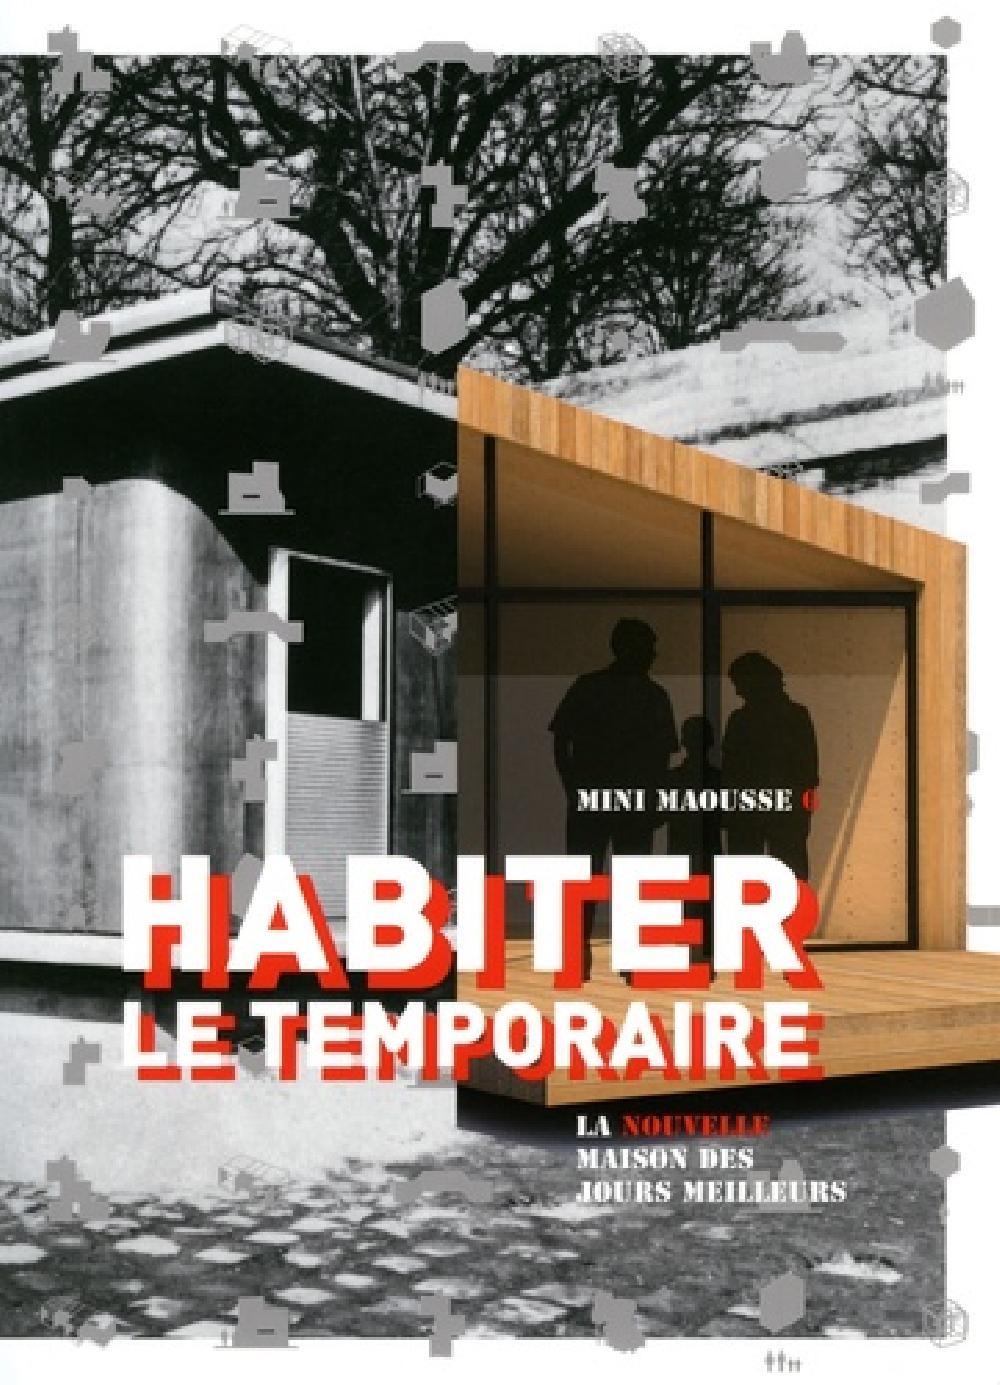 Habiter le temporaire - La nouvelle maison des jours meilleurs